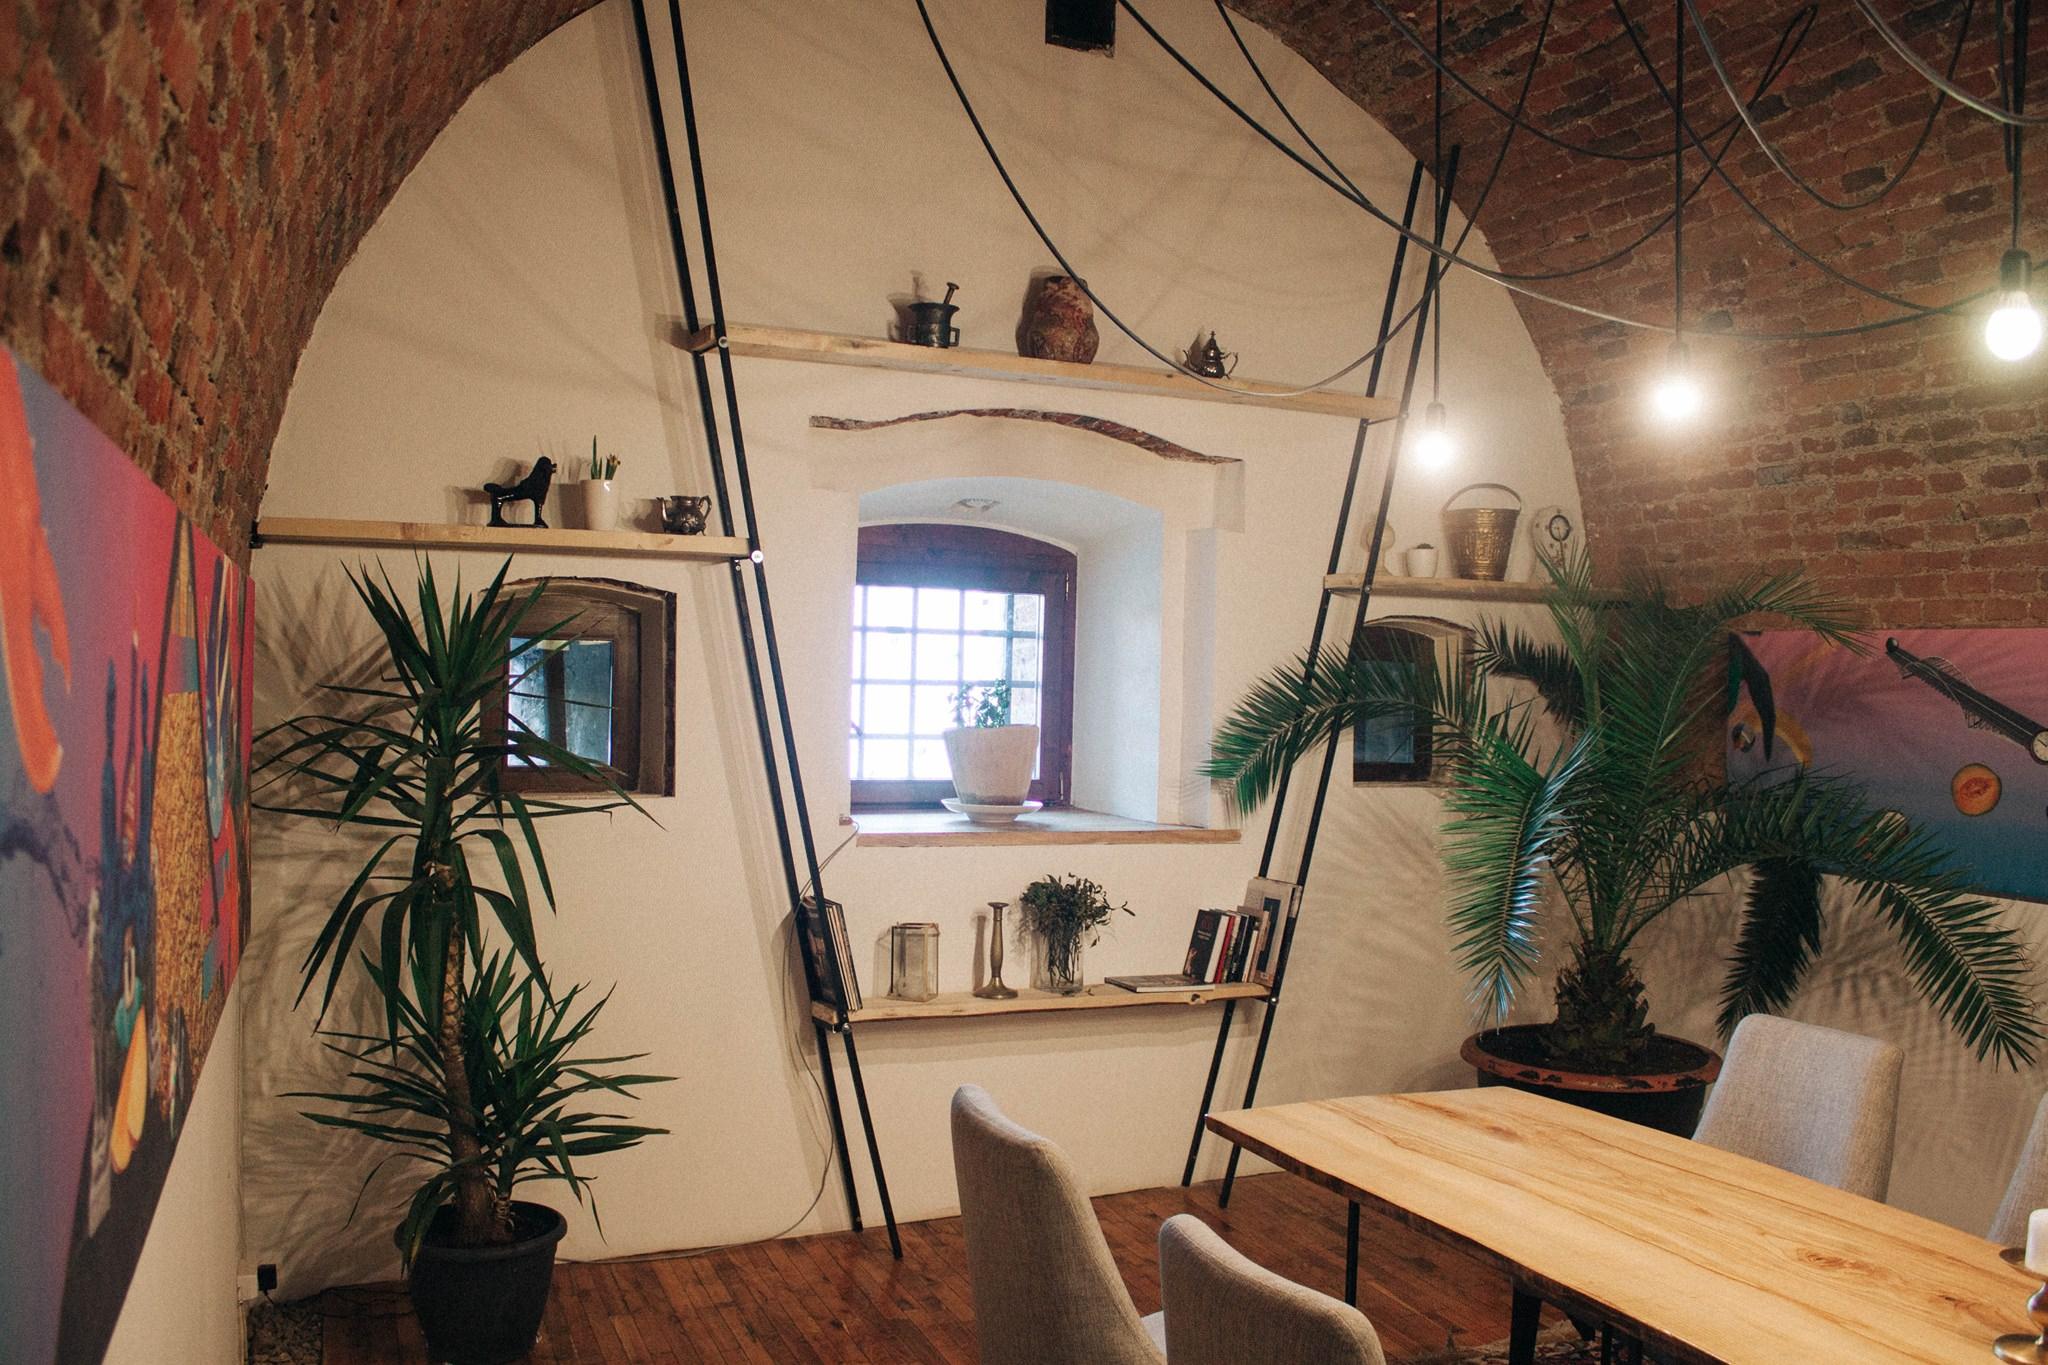 Studio, Alba Iulia ( image source )